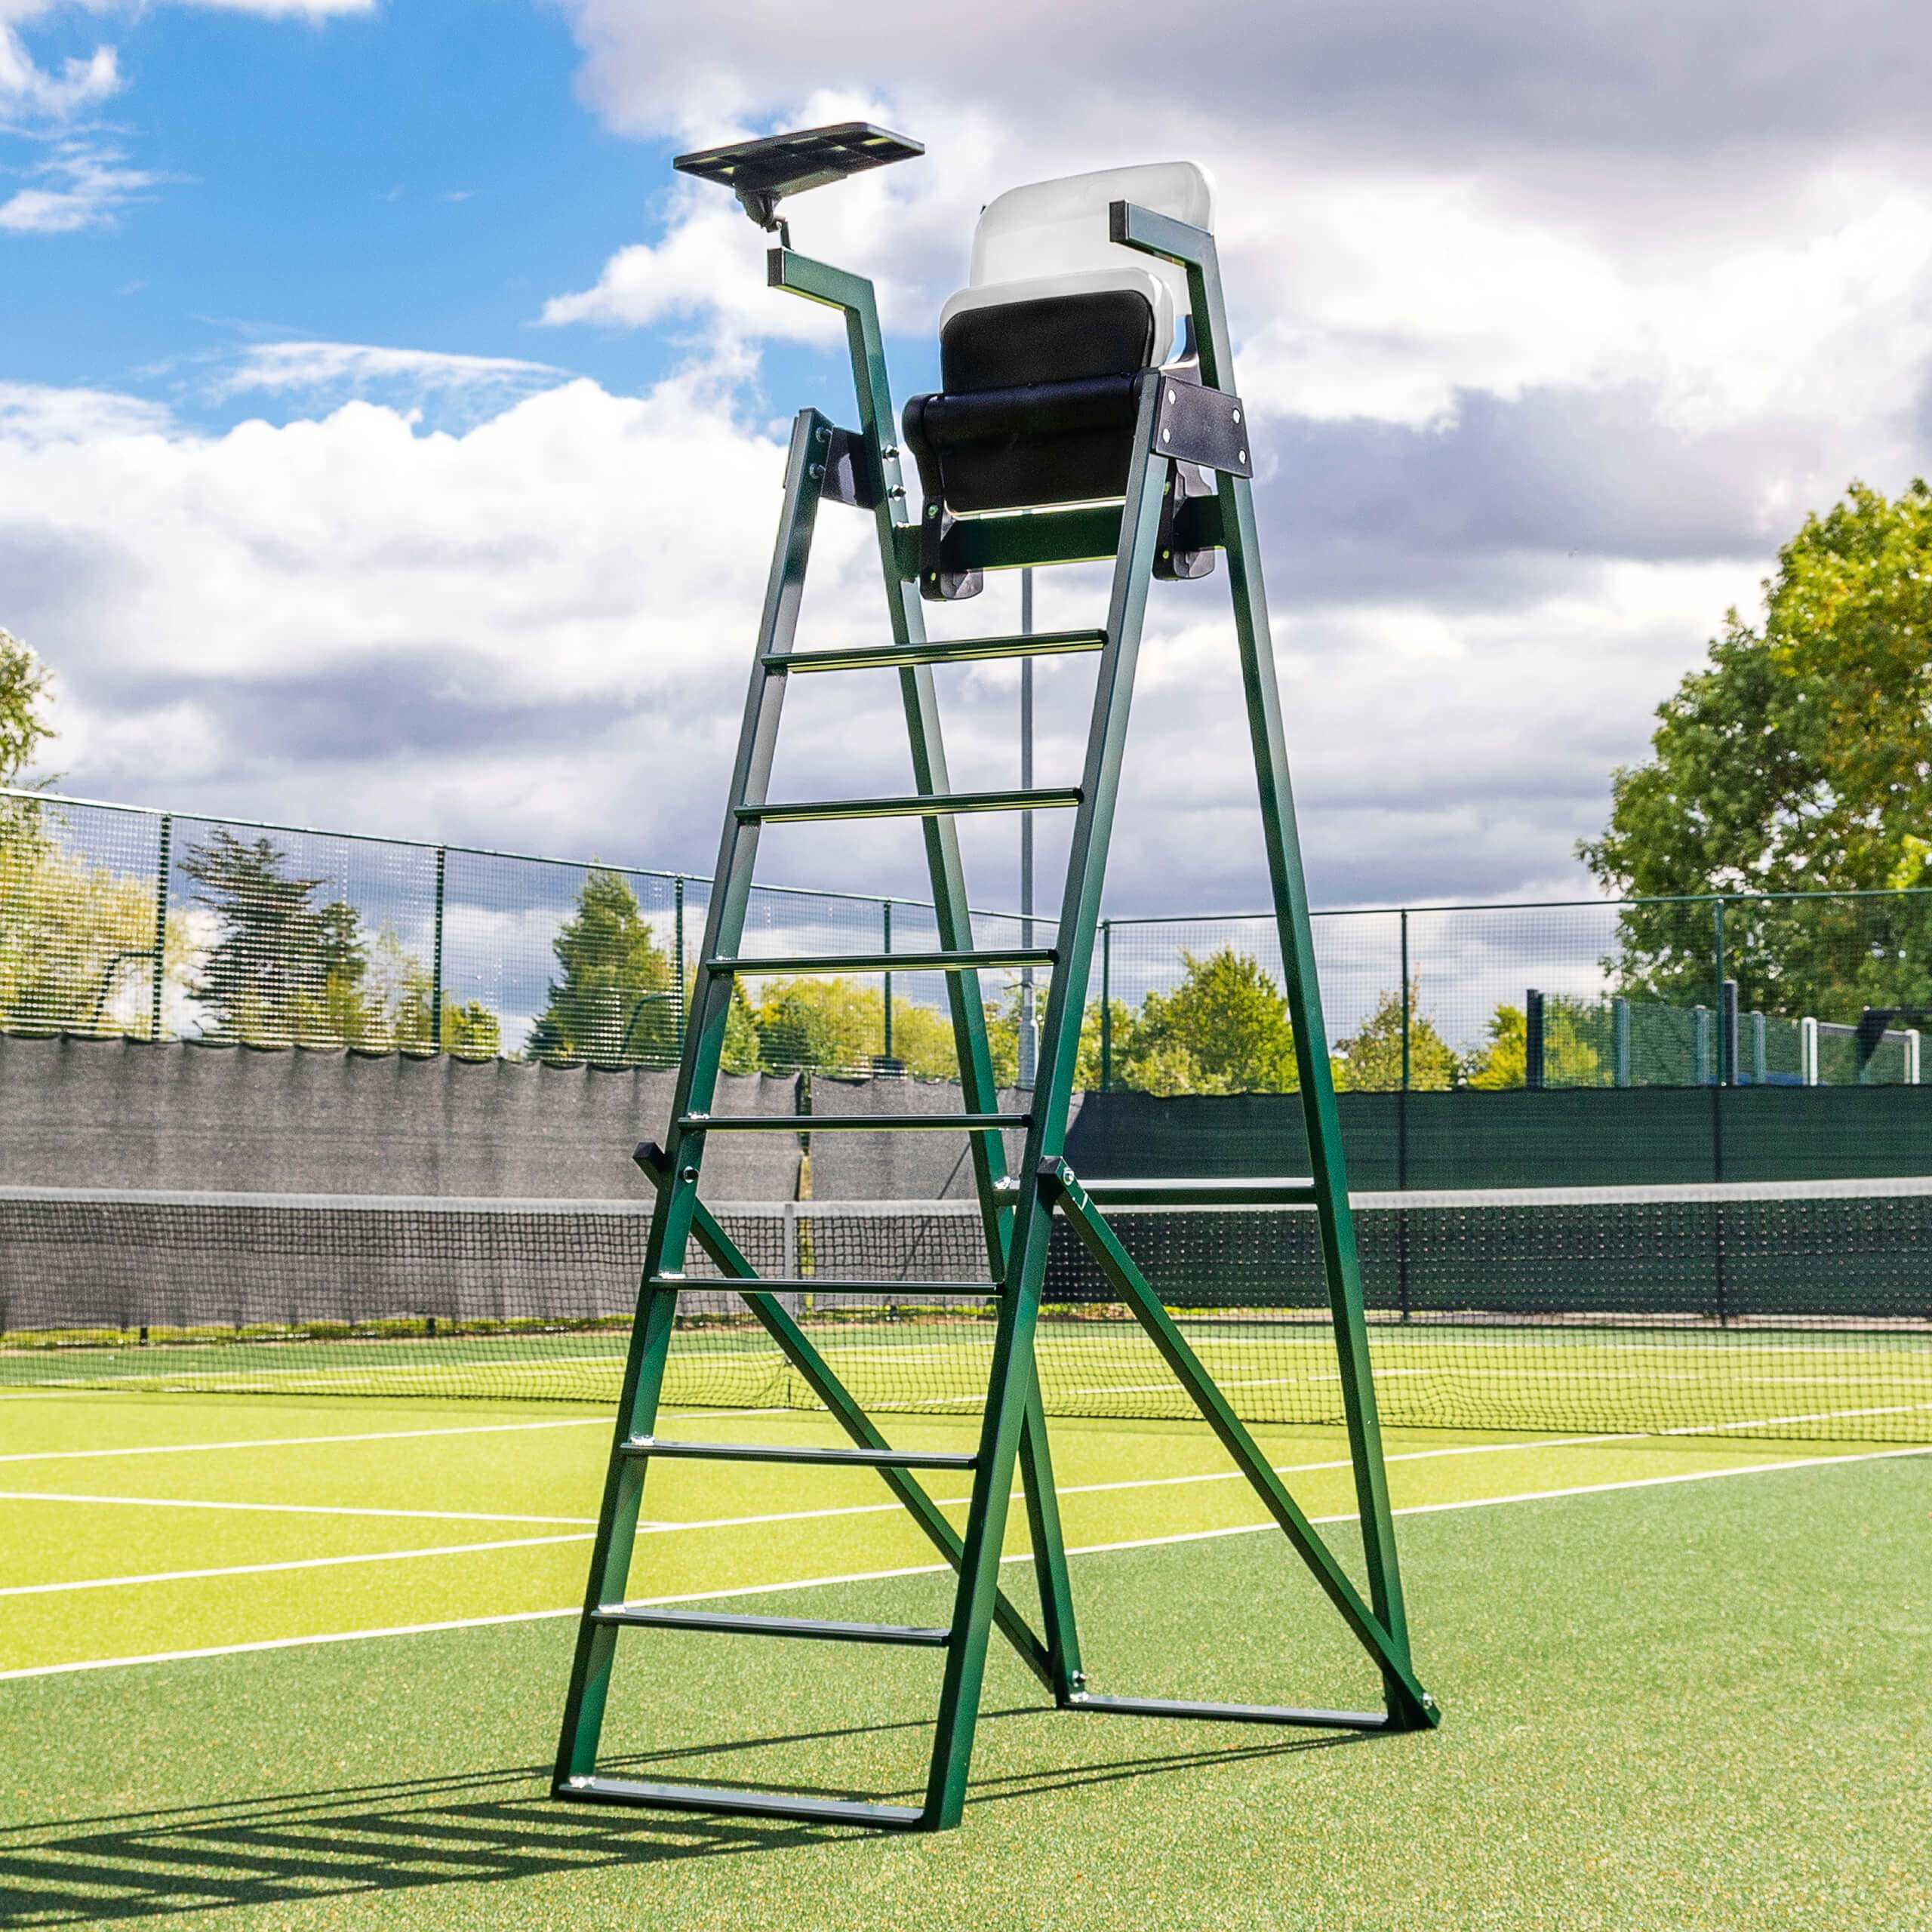 Silla de jueces de aluminio de Tenis [Modelo premium de 2,1m]